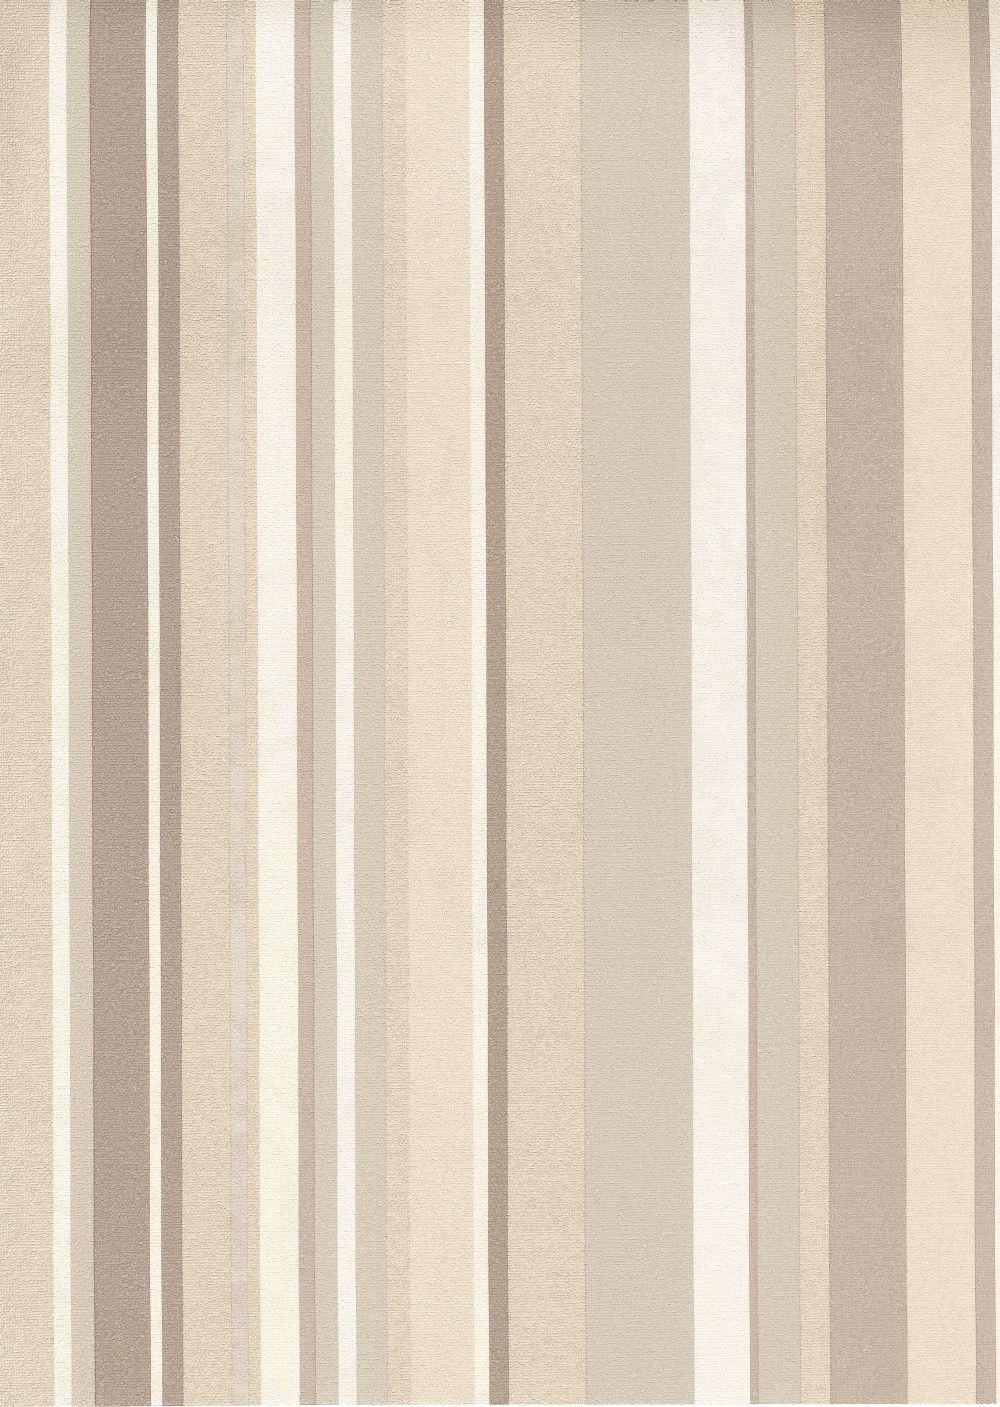 Foto papel pintado vinilico natura 2084 foto 141407 for Papel pintado rayas